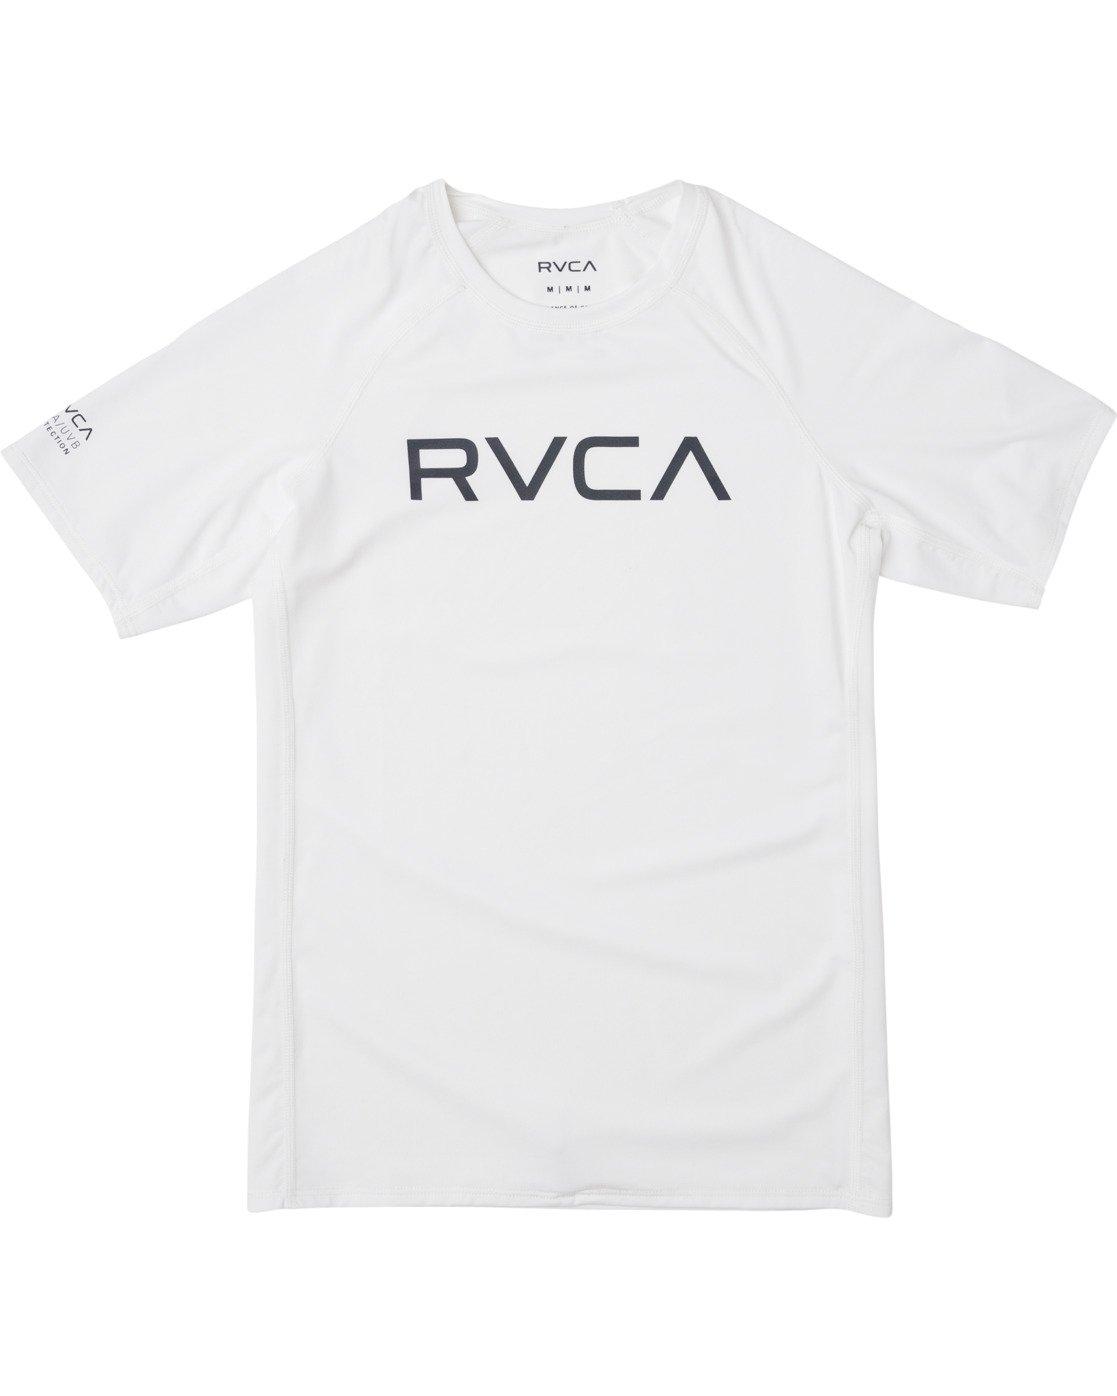 0 Boys RVCA Short Sleeve Rashguard White BR10TRSR RVCA